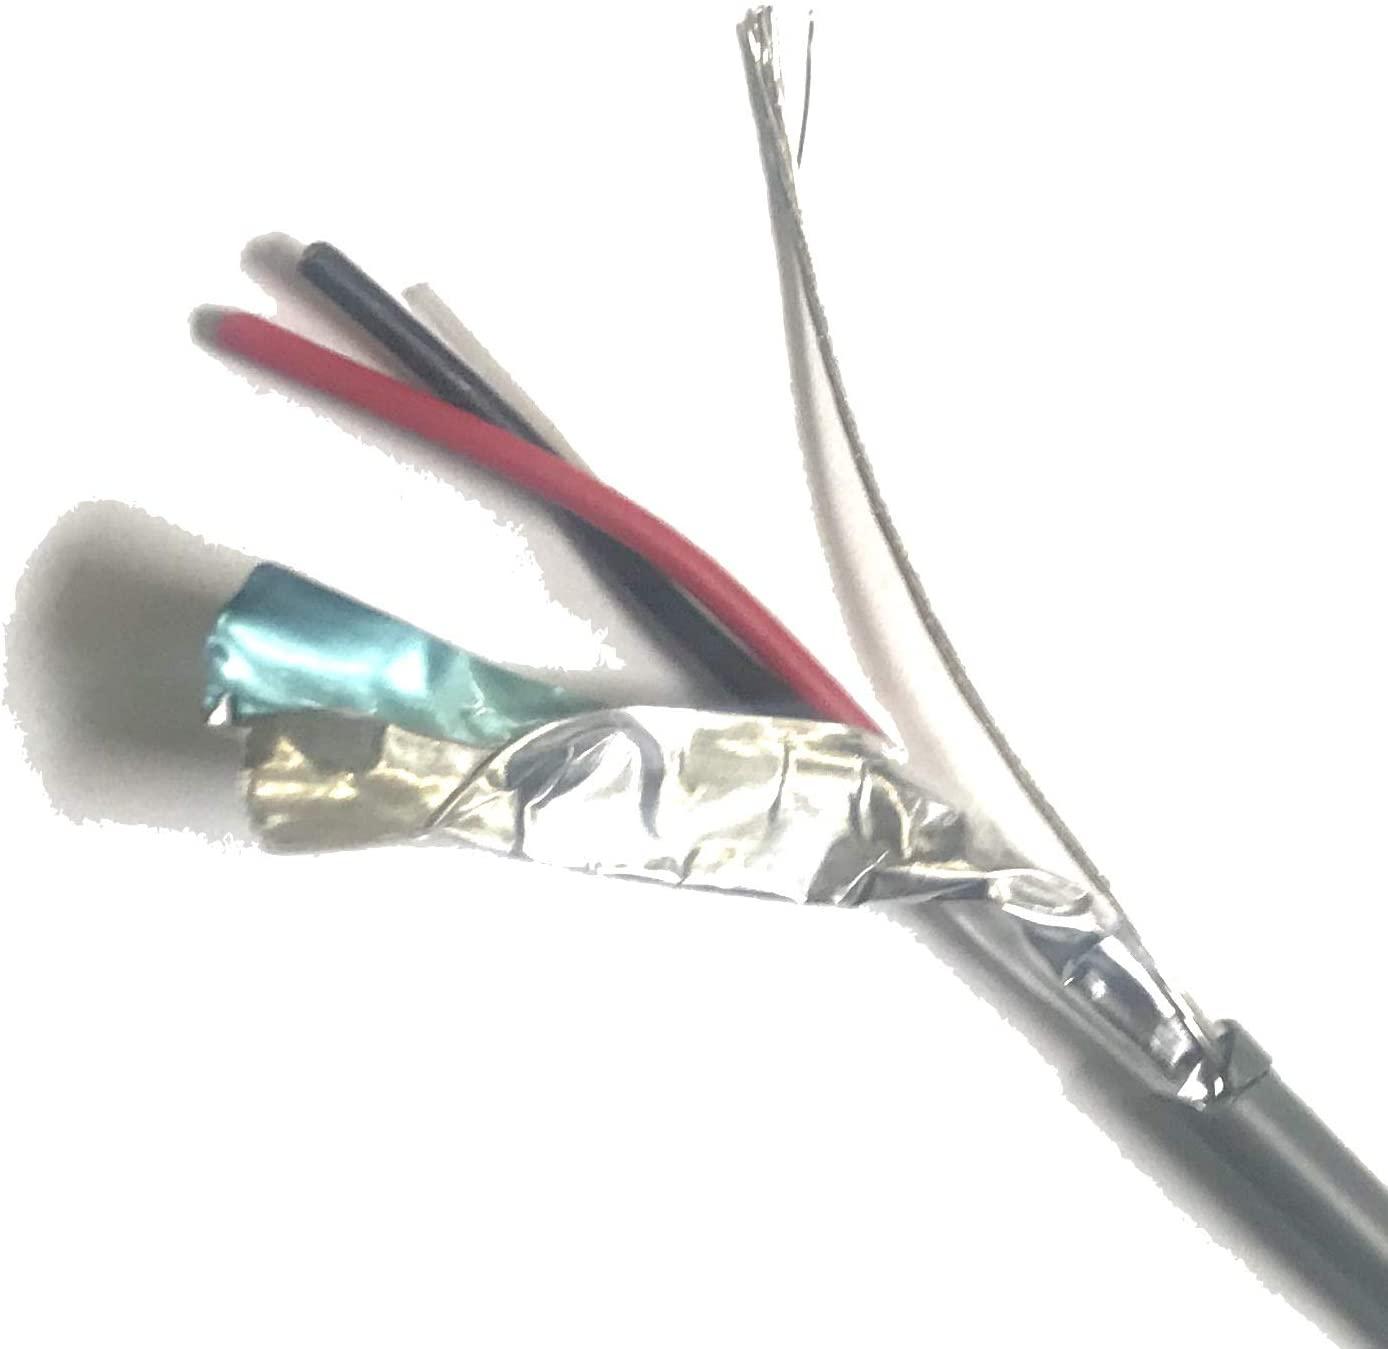 进一步了解屏蔽线缆 这种情况下使用最合适